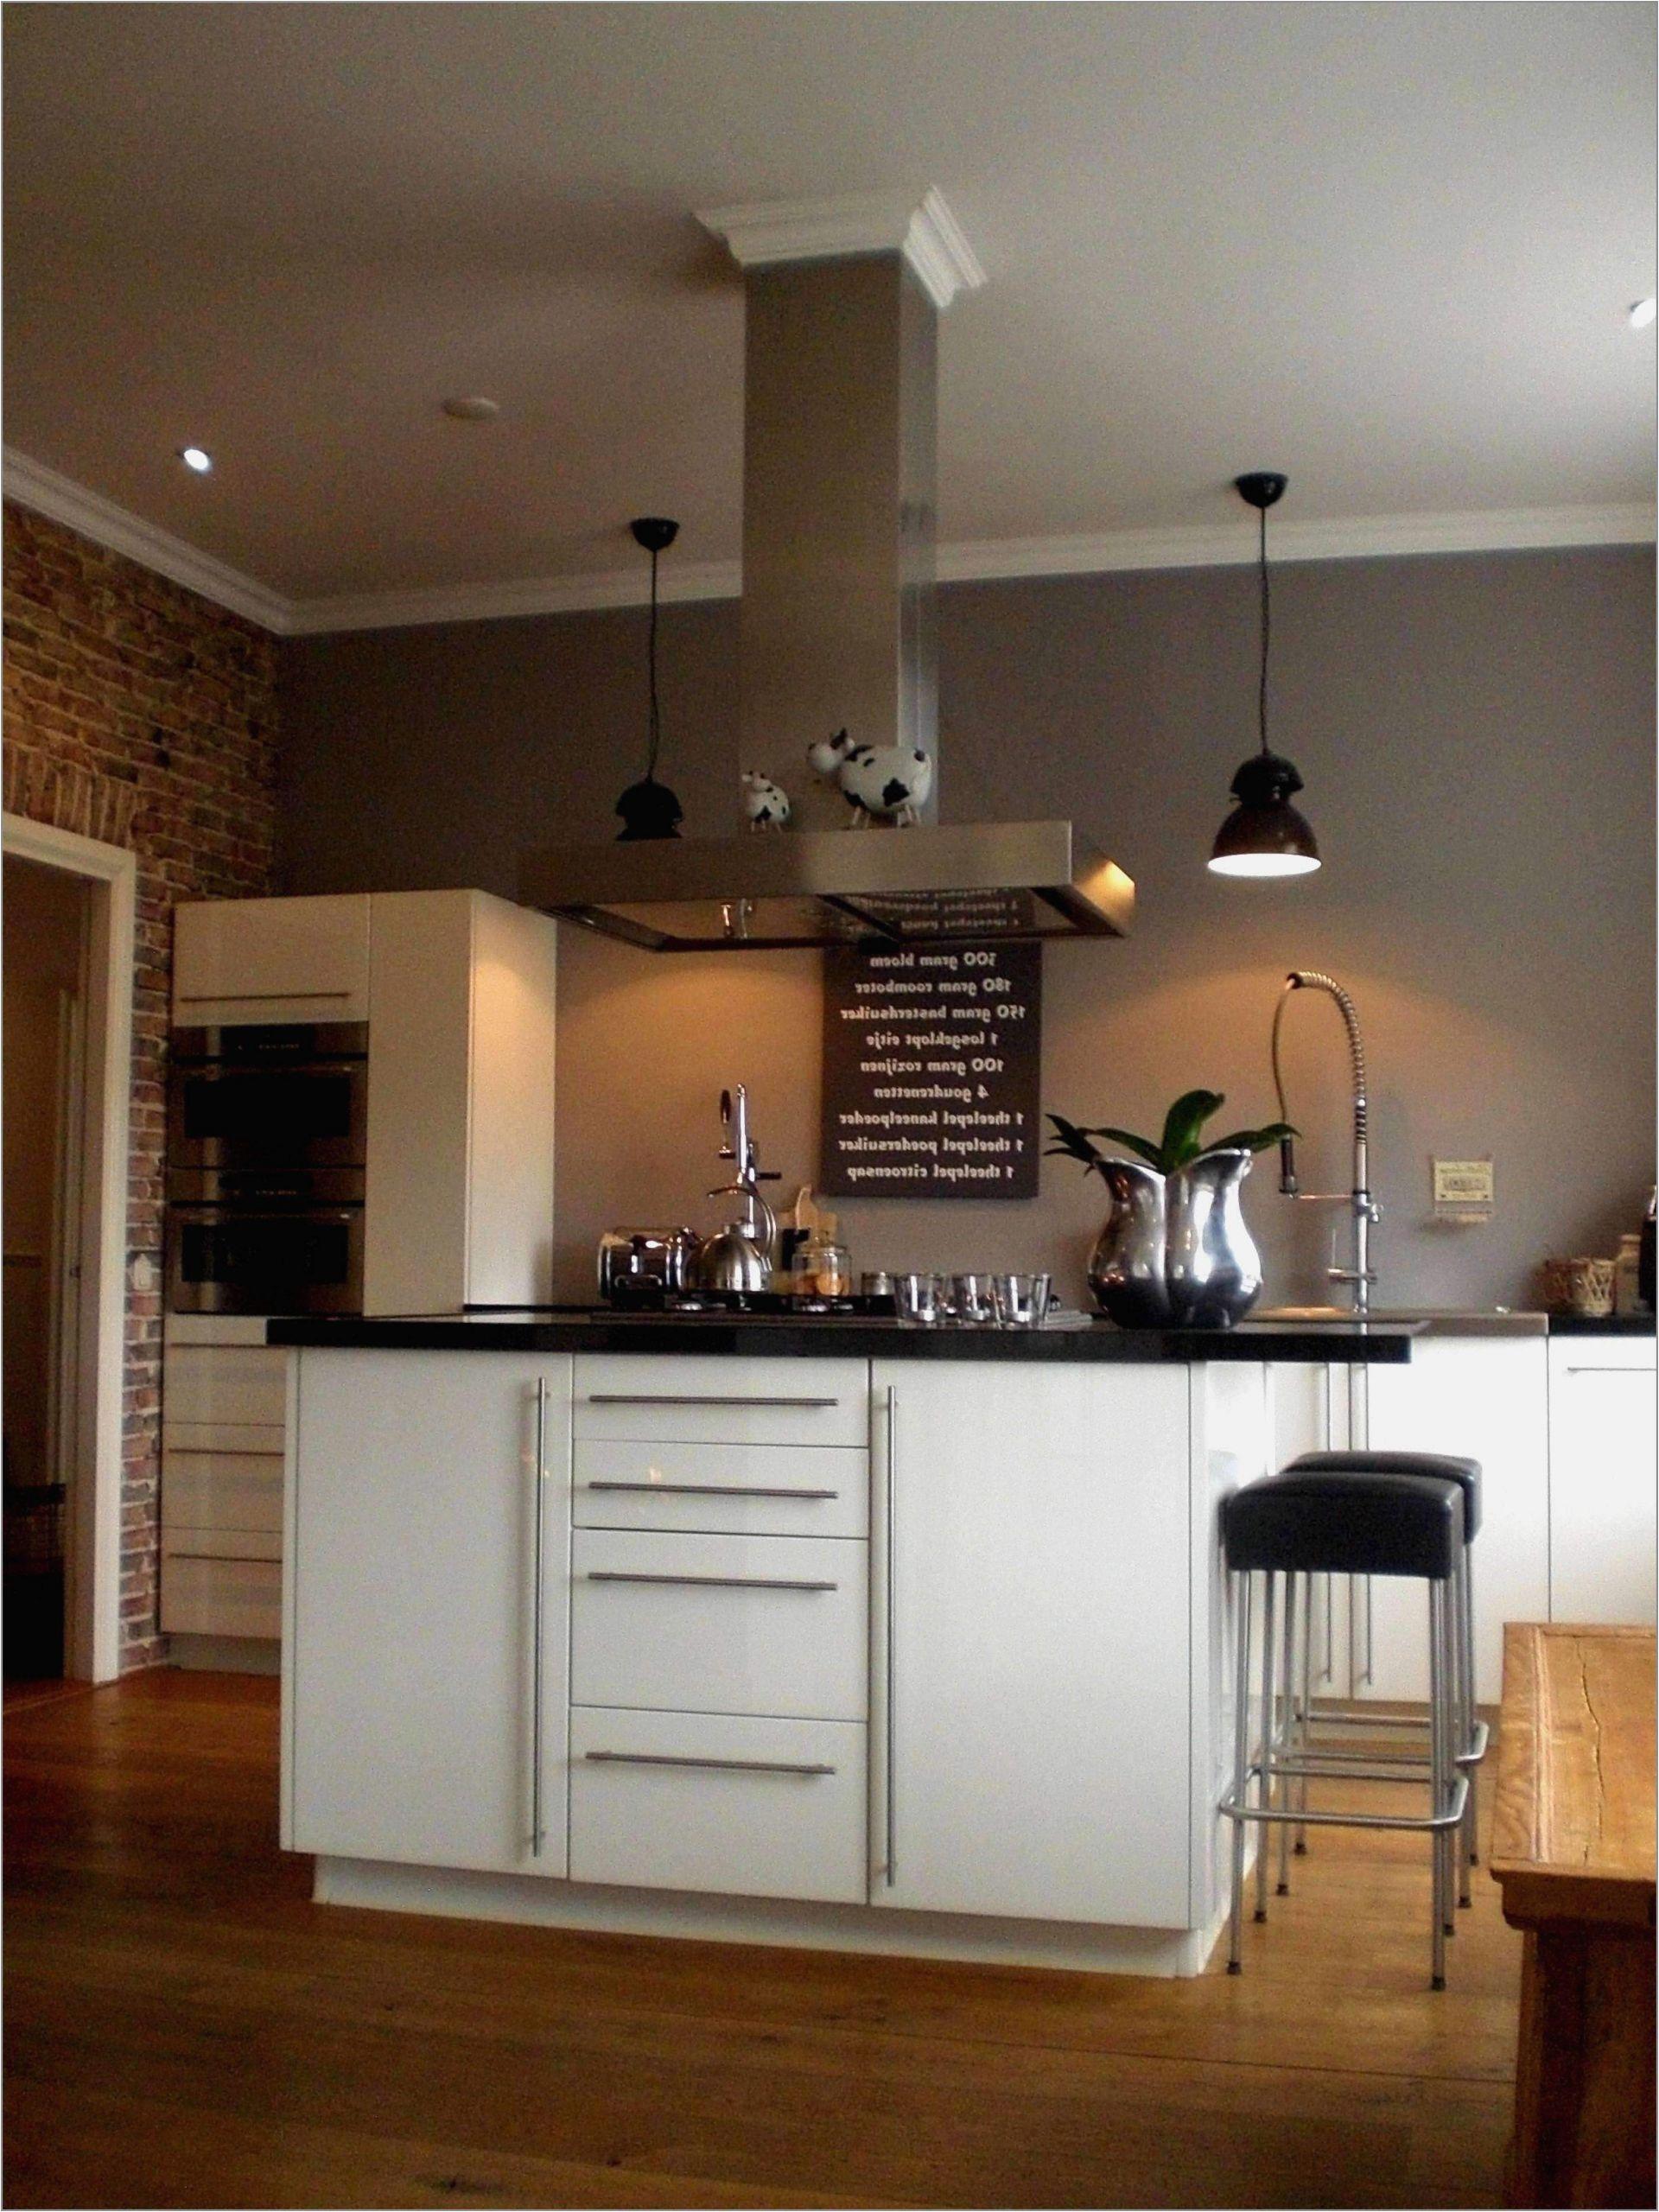 leinwand fur wohnzimmer schon das beste von beistelltisch fur kuche kuche f c3 bcr k bcche of leinwand fur wohnzimmer scaled